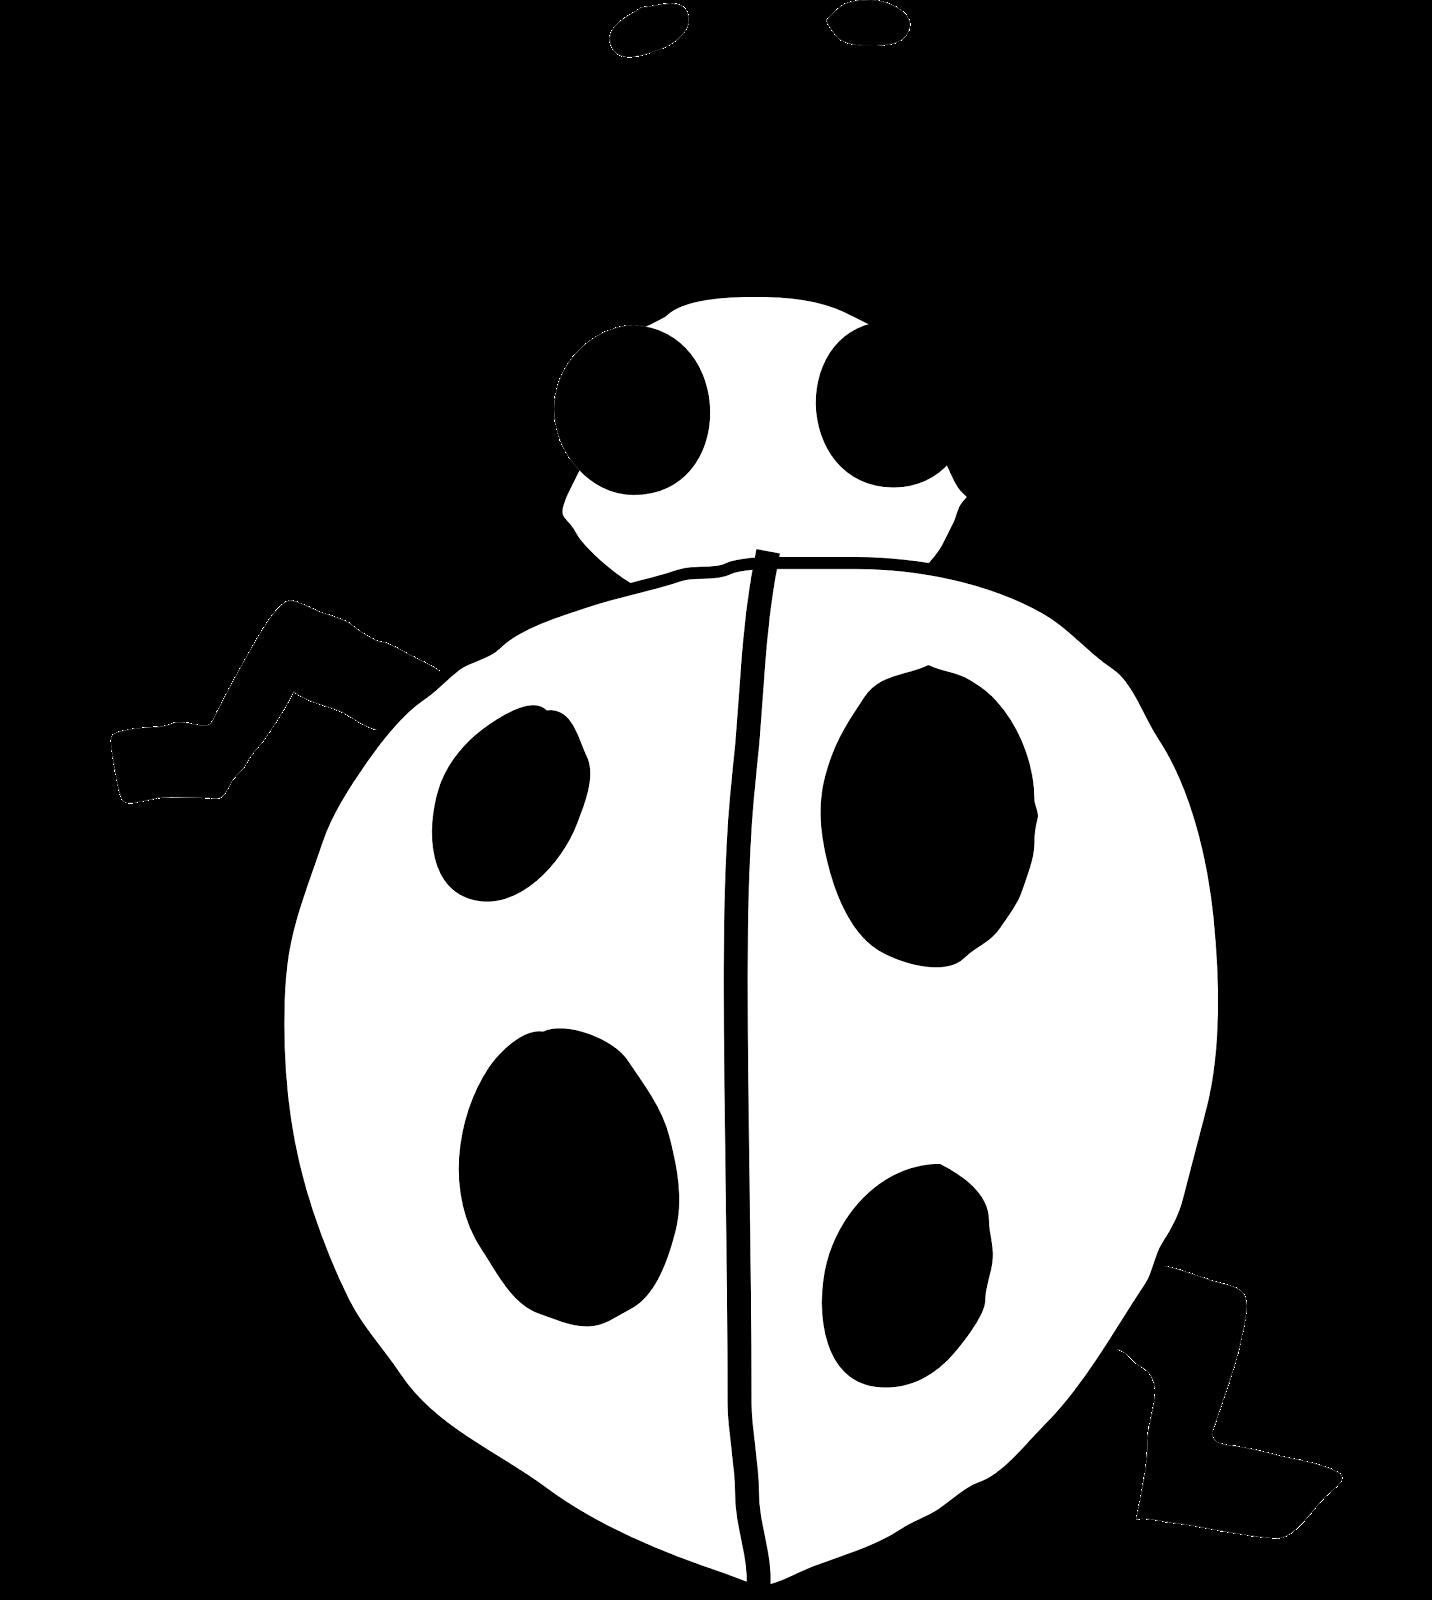 Ladybugs clipart kindergarten. Ladybug outline line drawing